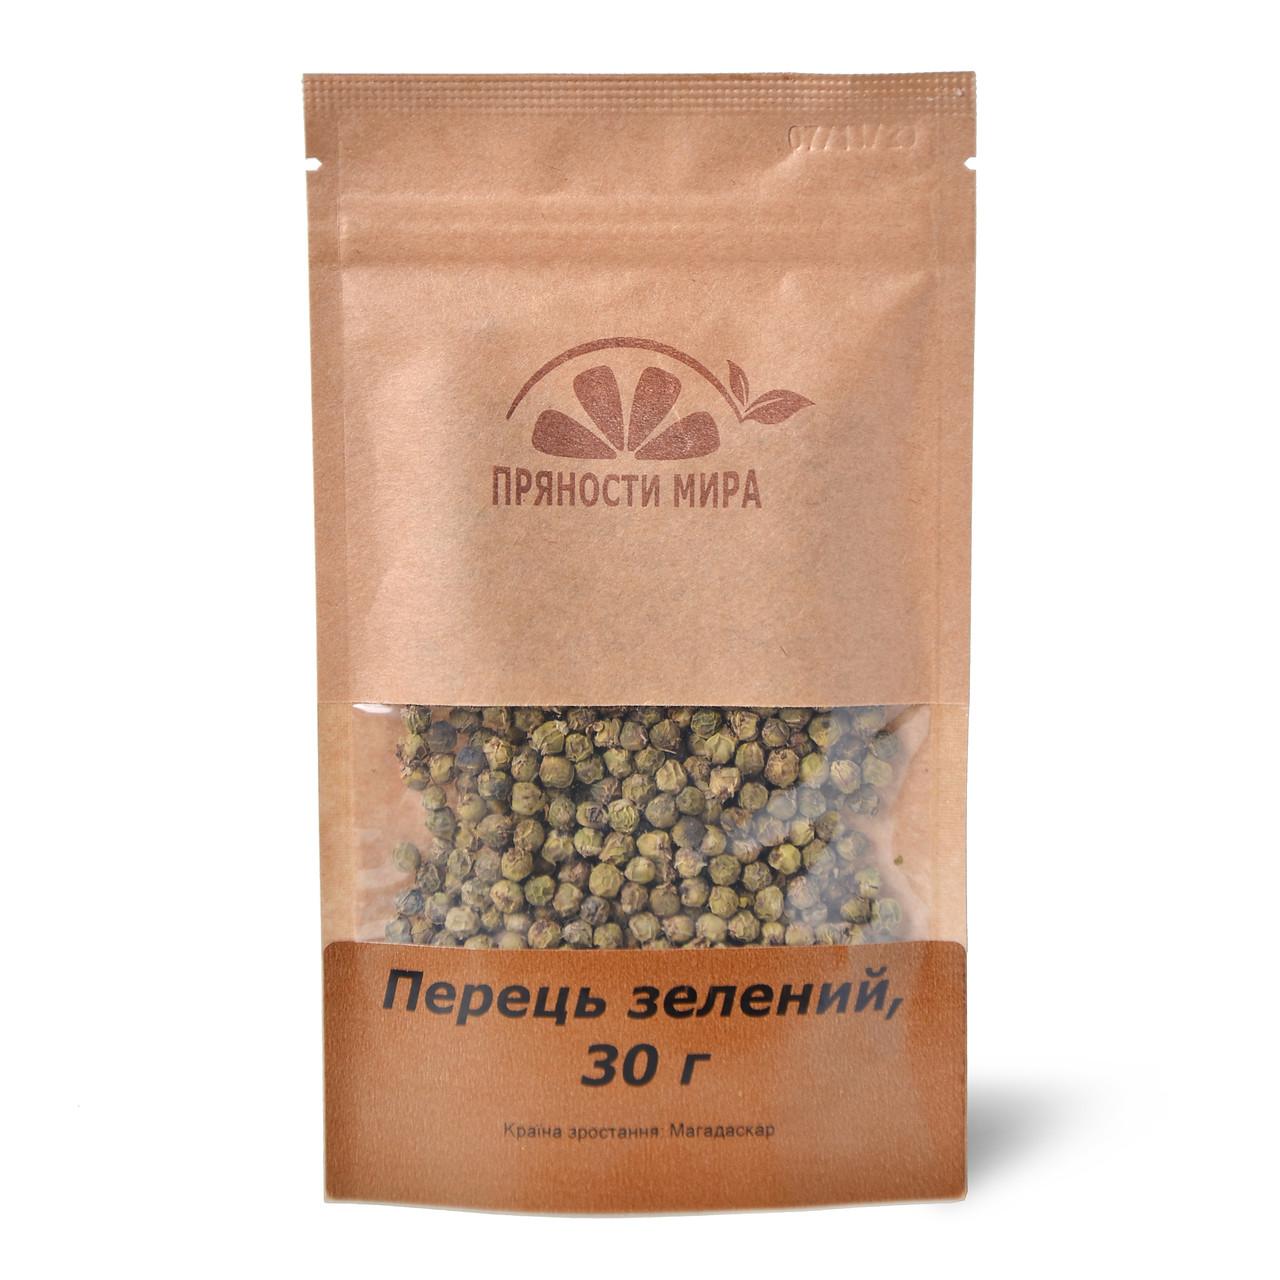 Перец зеленый горошек 30 г